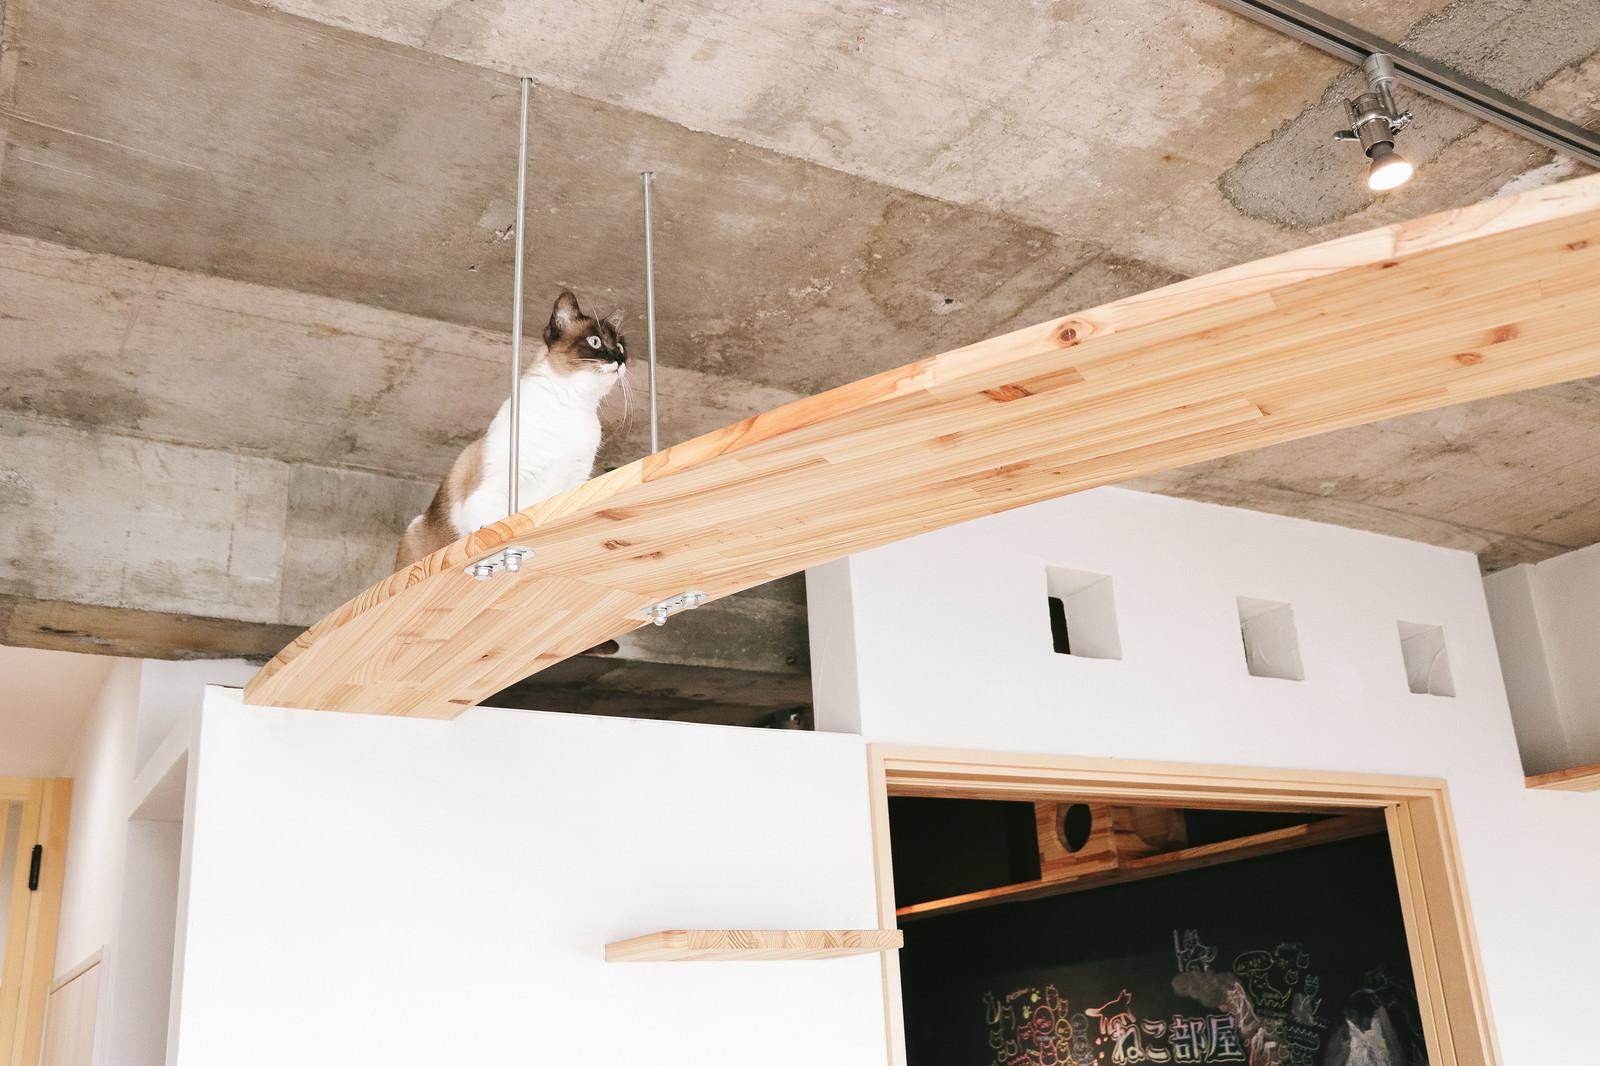 「猫への思いやりがつまったキャットウォークがある家」の写真